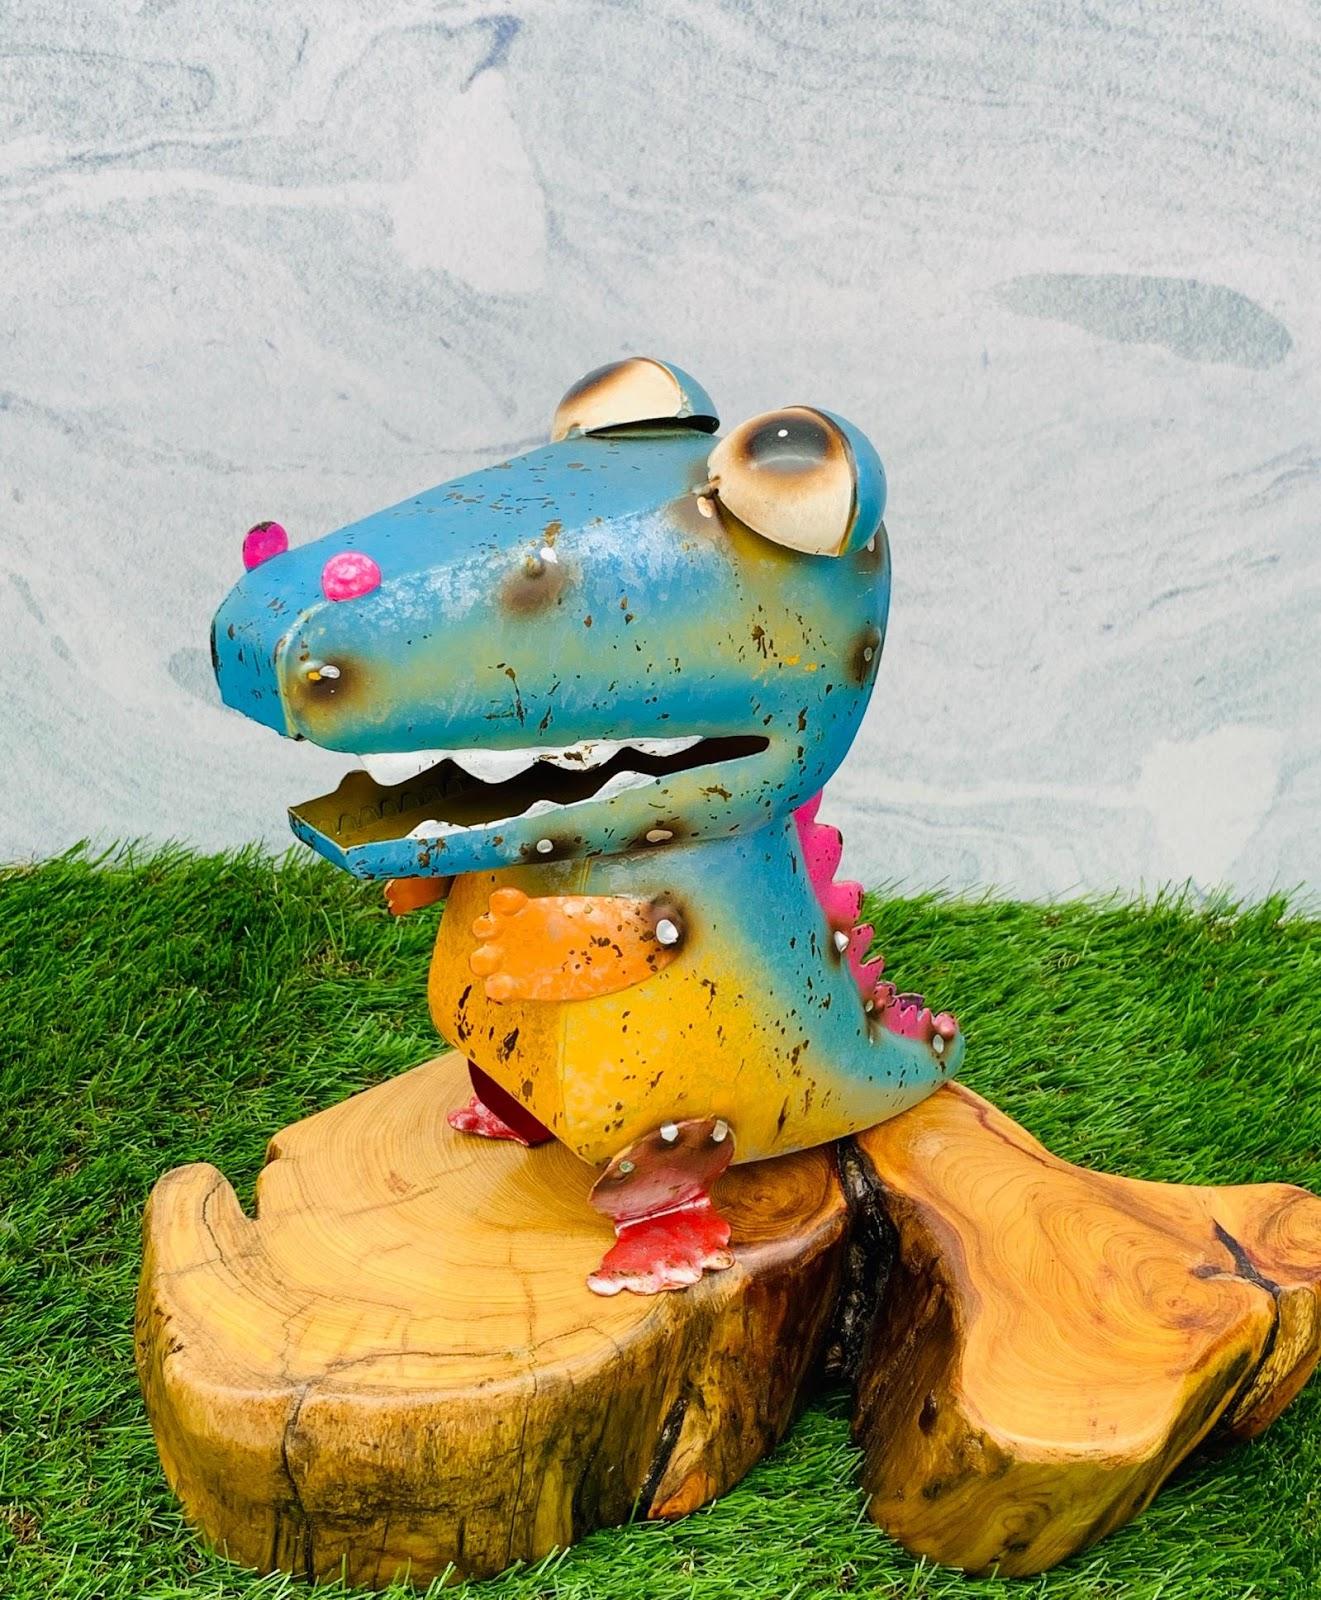 日本高山 絕版品限量供應 動物擺飾 繽紛恐龍 日本直送 日本設計 生鐵手作可愛多采風格擺飾 不會再有 把握機會 4